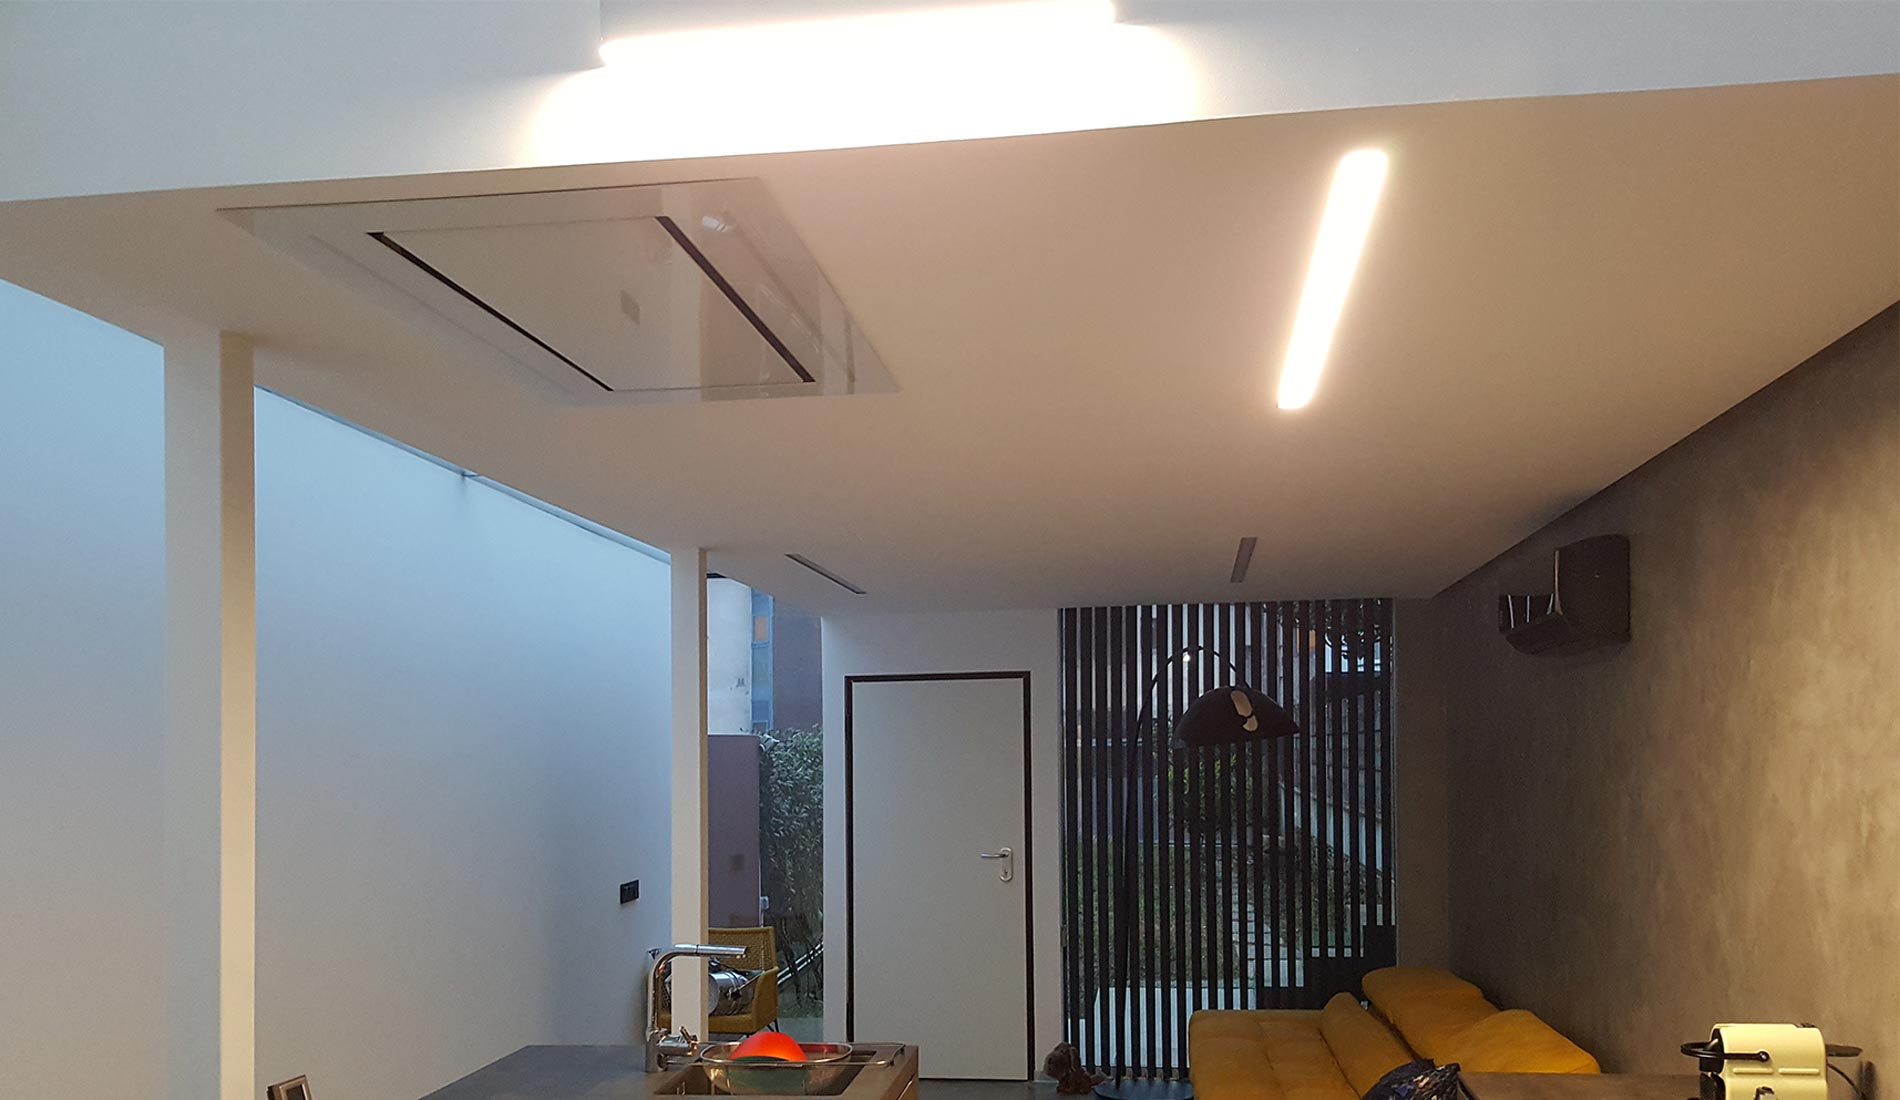 Cocina con campana extractora integrada en el techo.